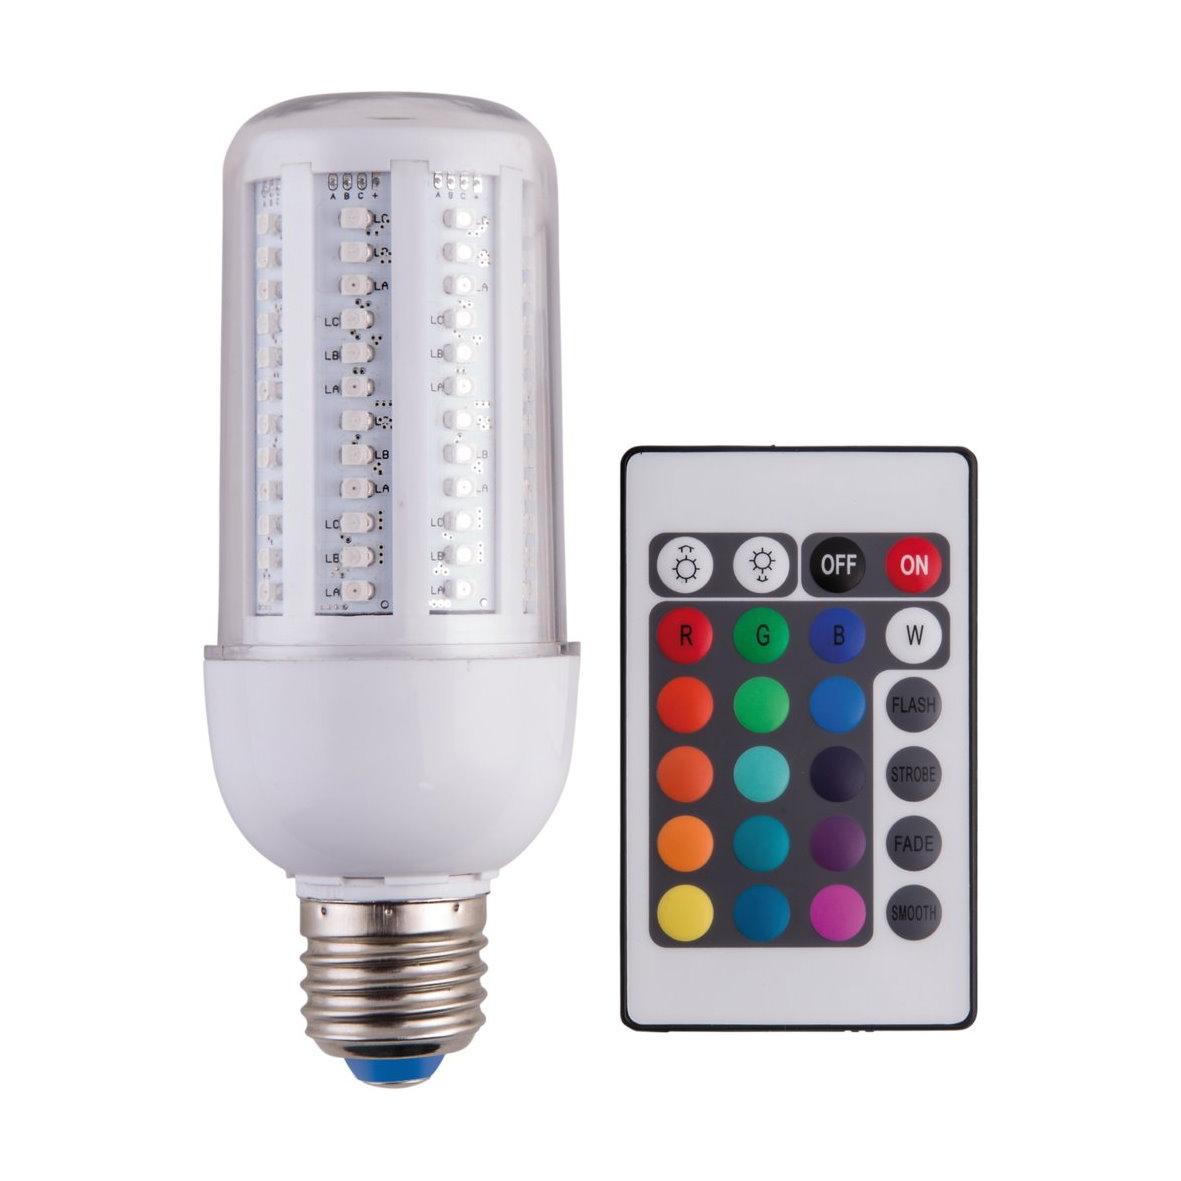 mehrfarbige led lampe